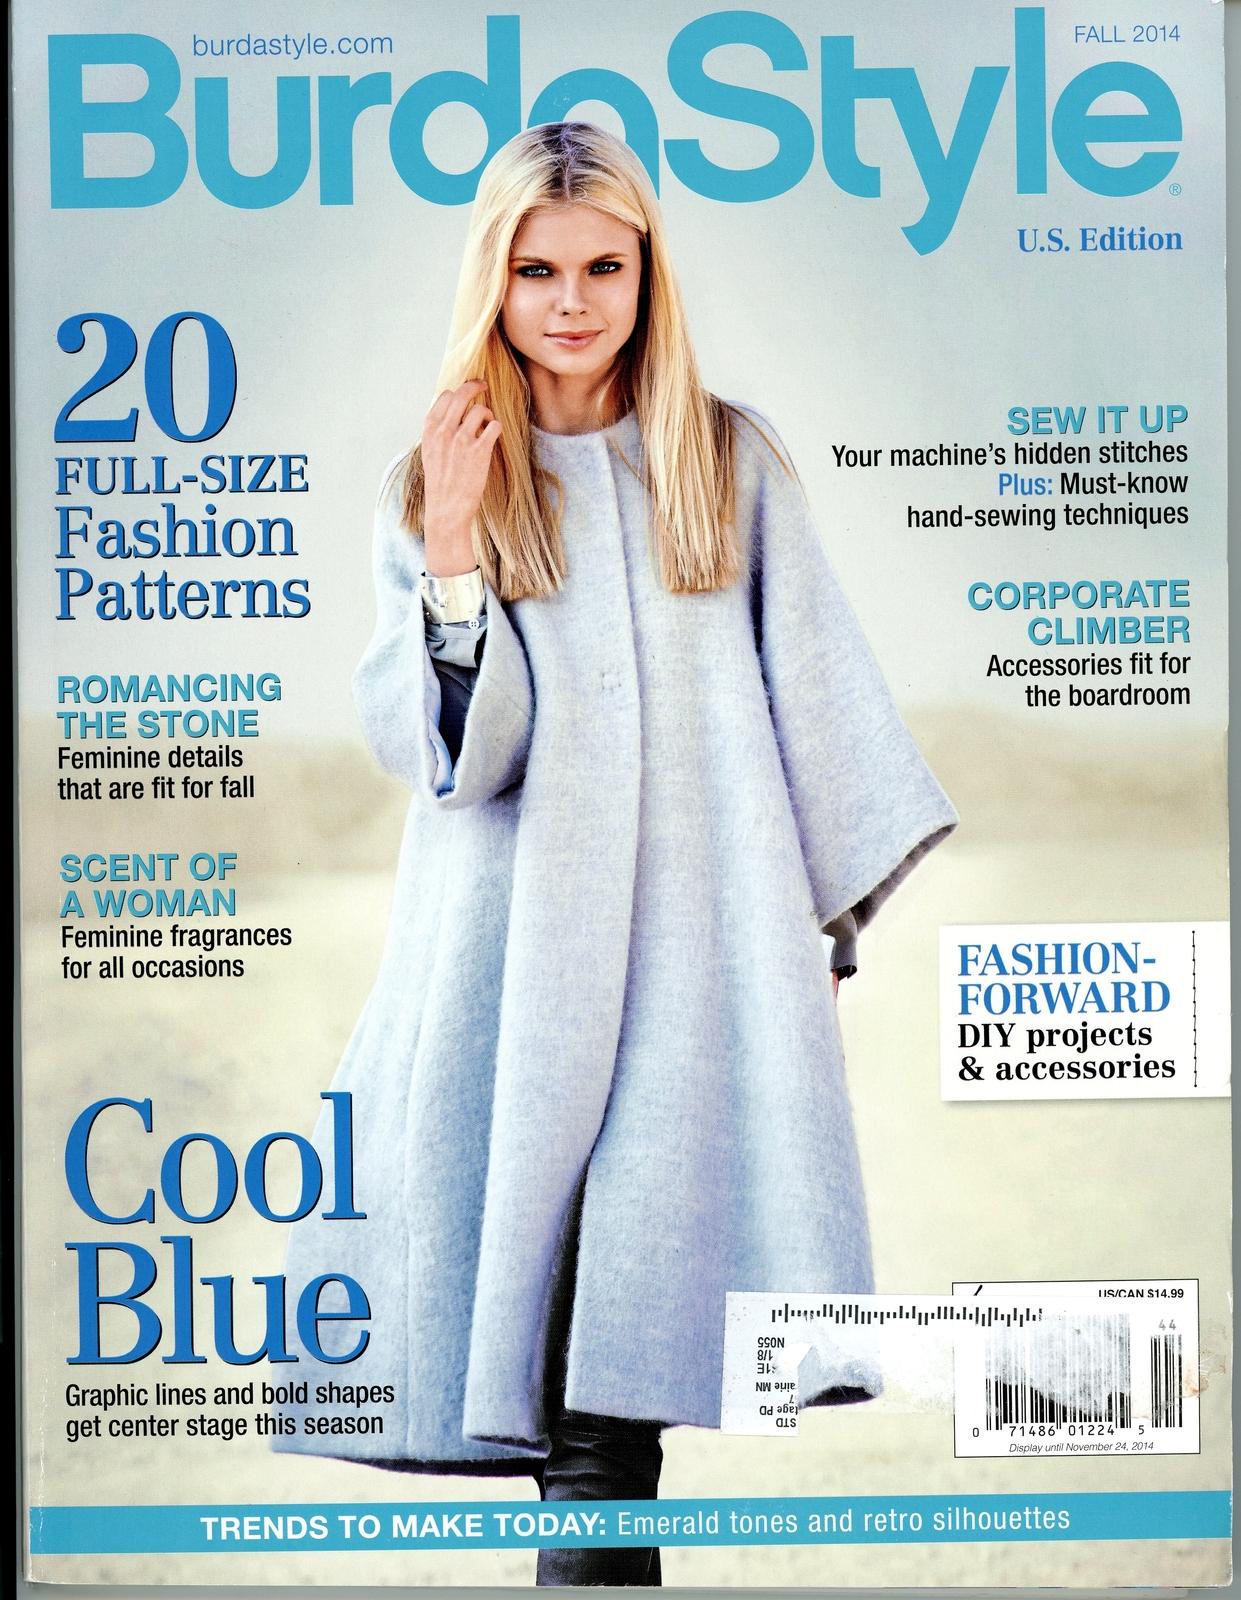 Burda Style Magazine Fall 2014 Us Edition Sewing Fashion